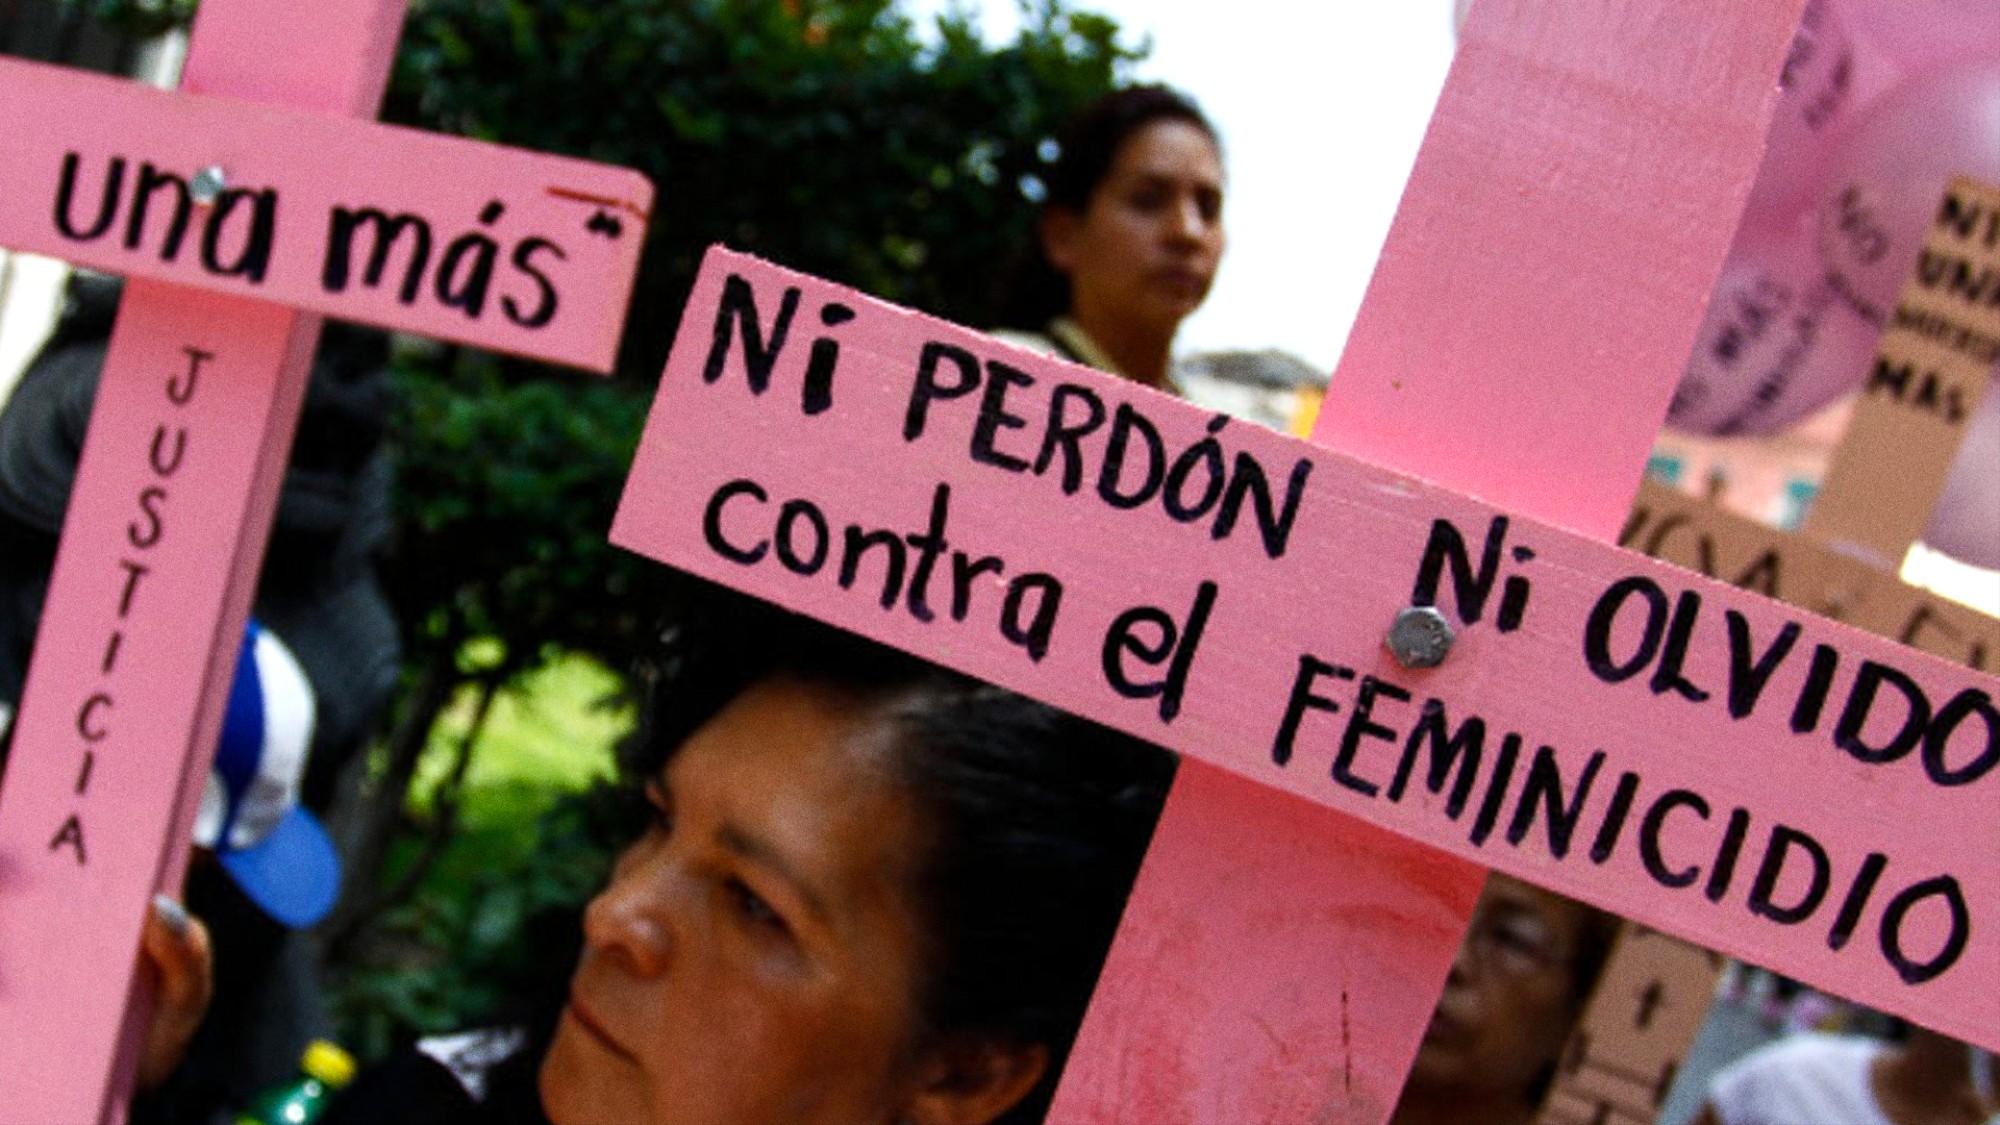 Fiscalía dice que el 85% de los feminicidios denunciados el primer trimestre de 2019 han sido resueltos. (Foto de referencia: Cuartoscuro.com)